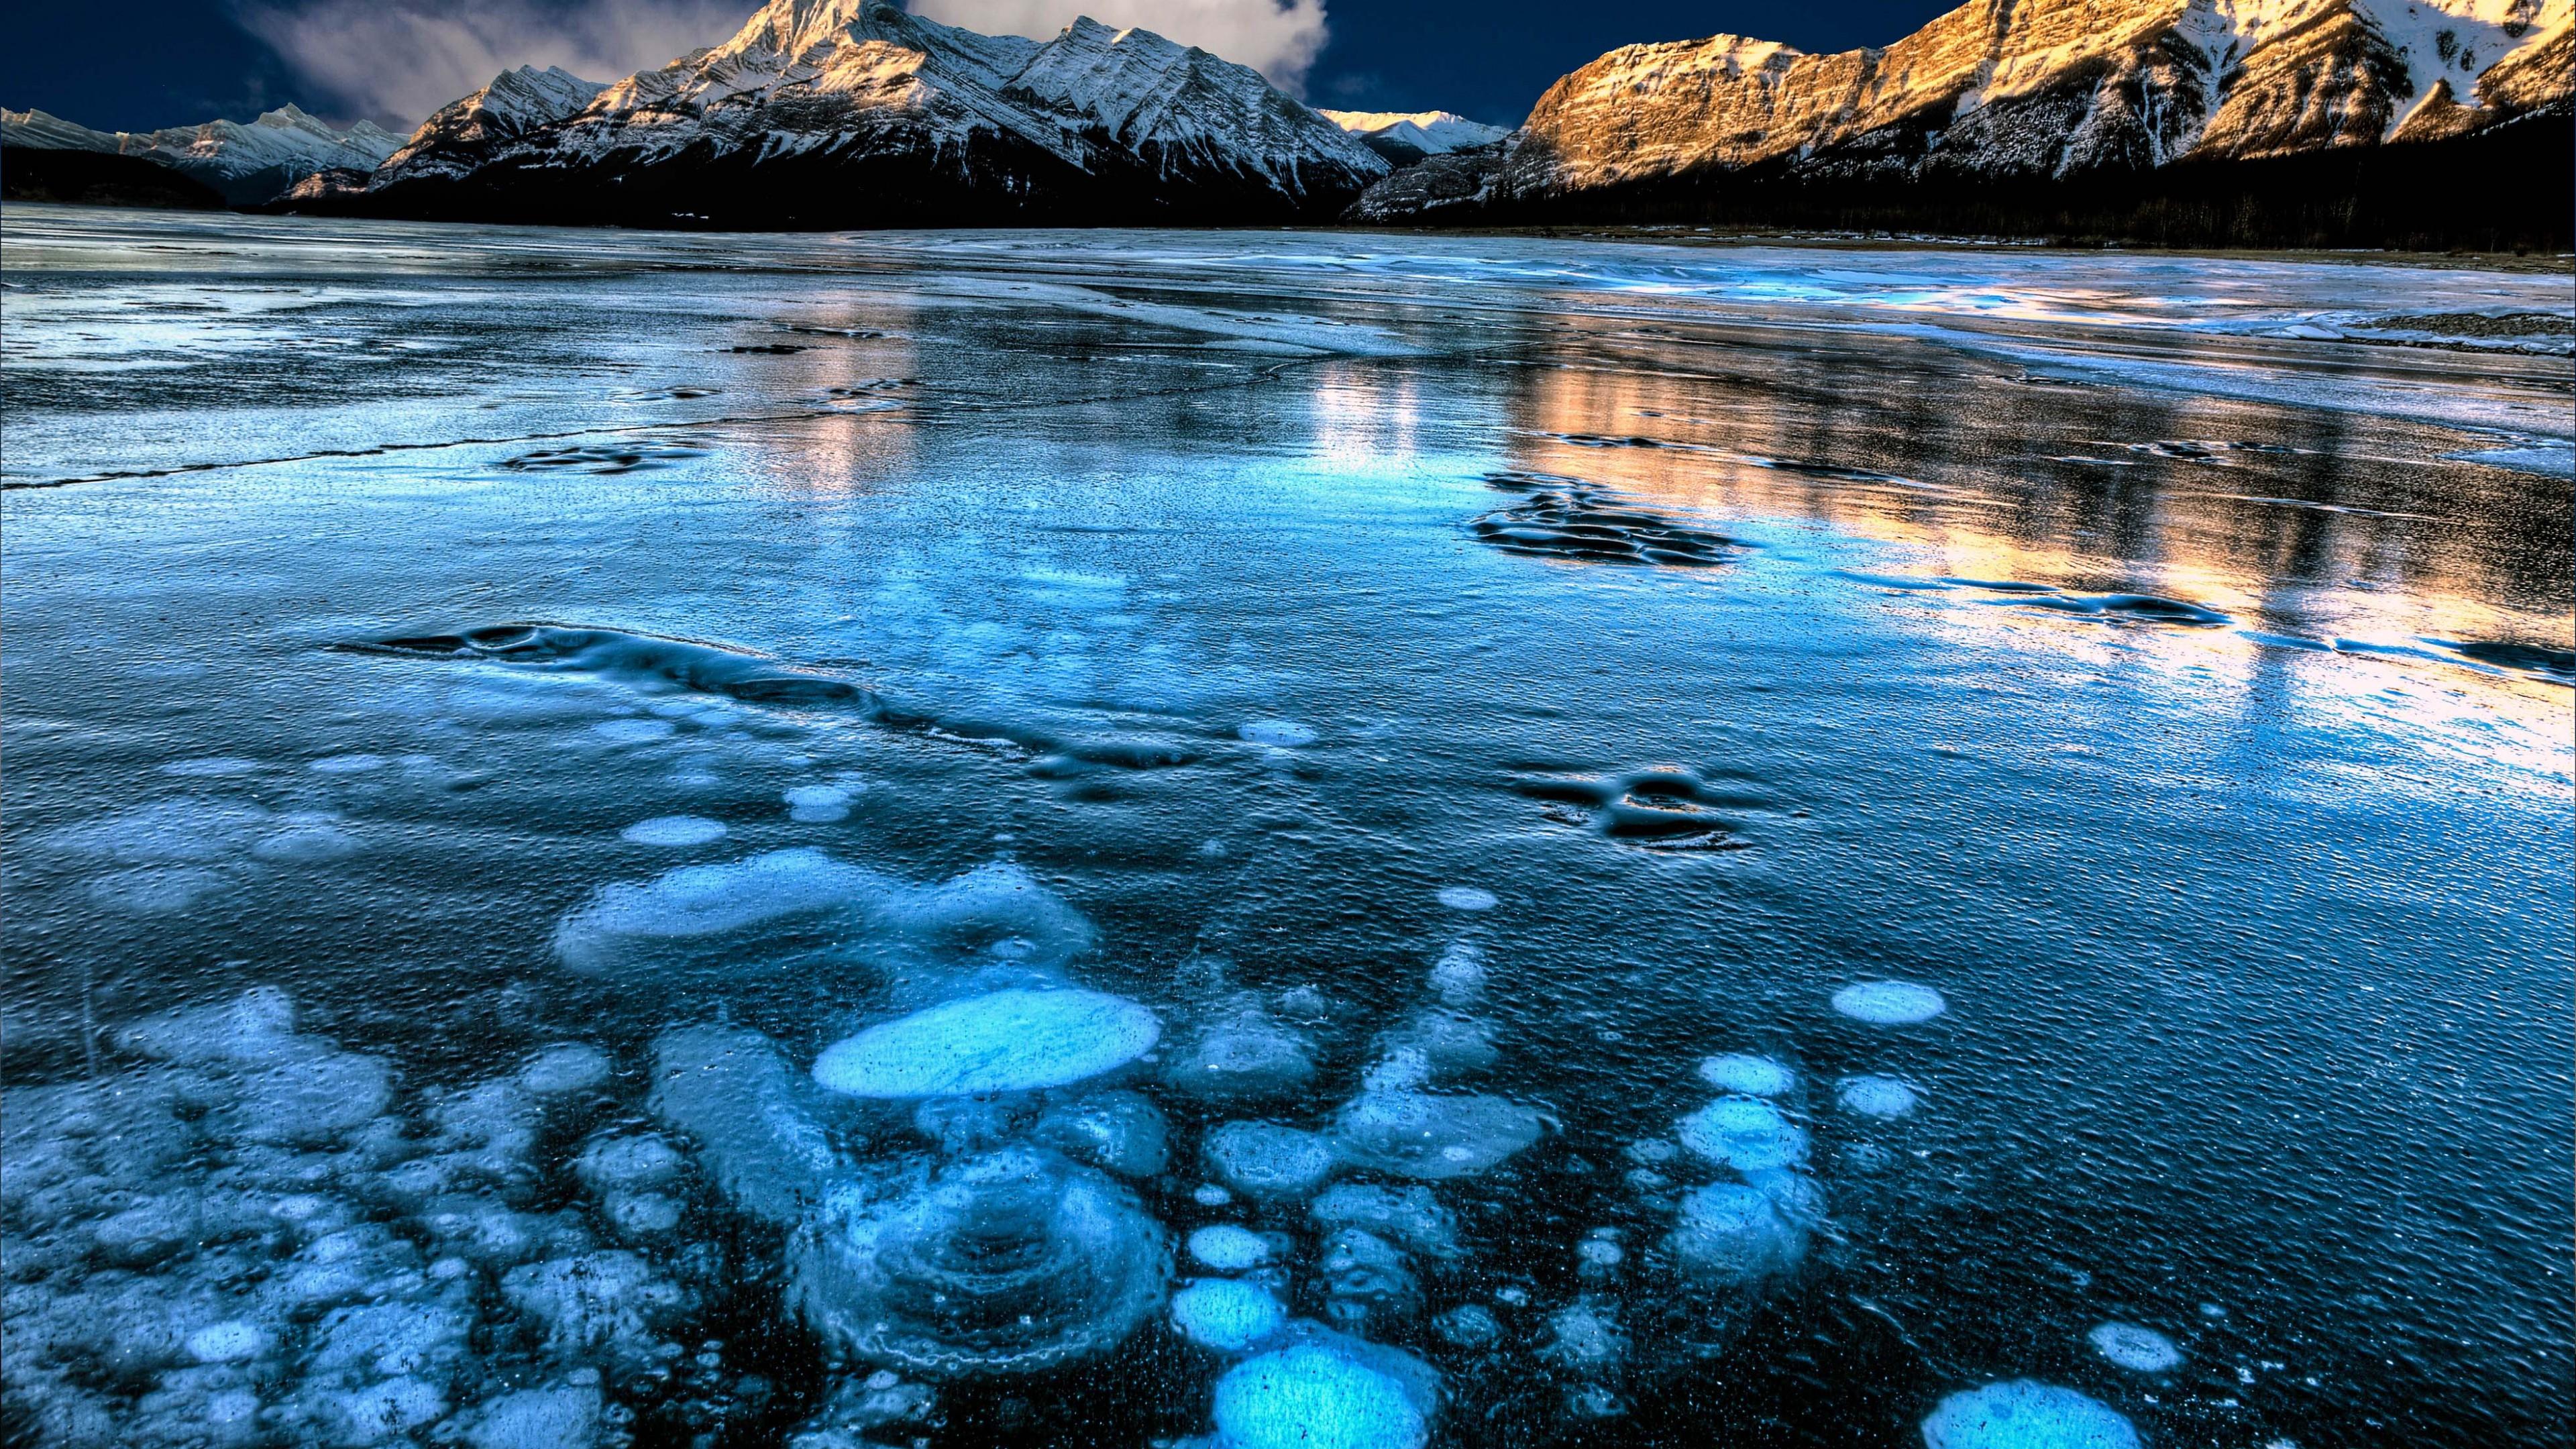 Fondos de pantalla El lago Abraham en Canadá